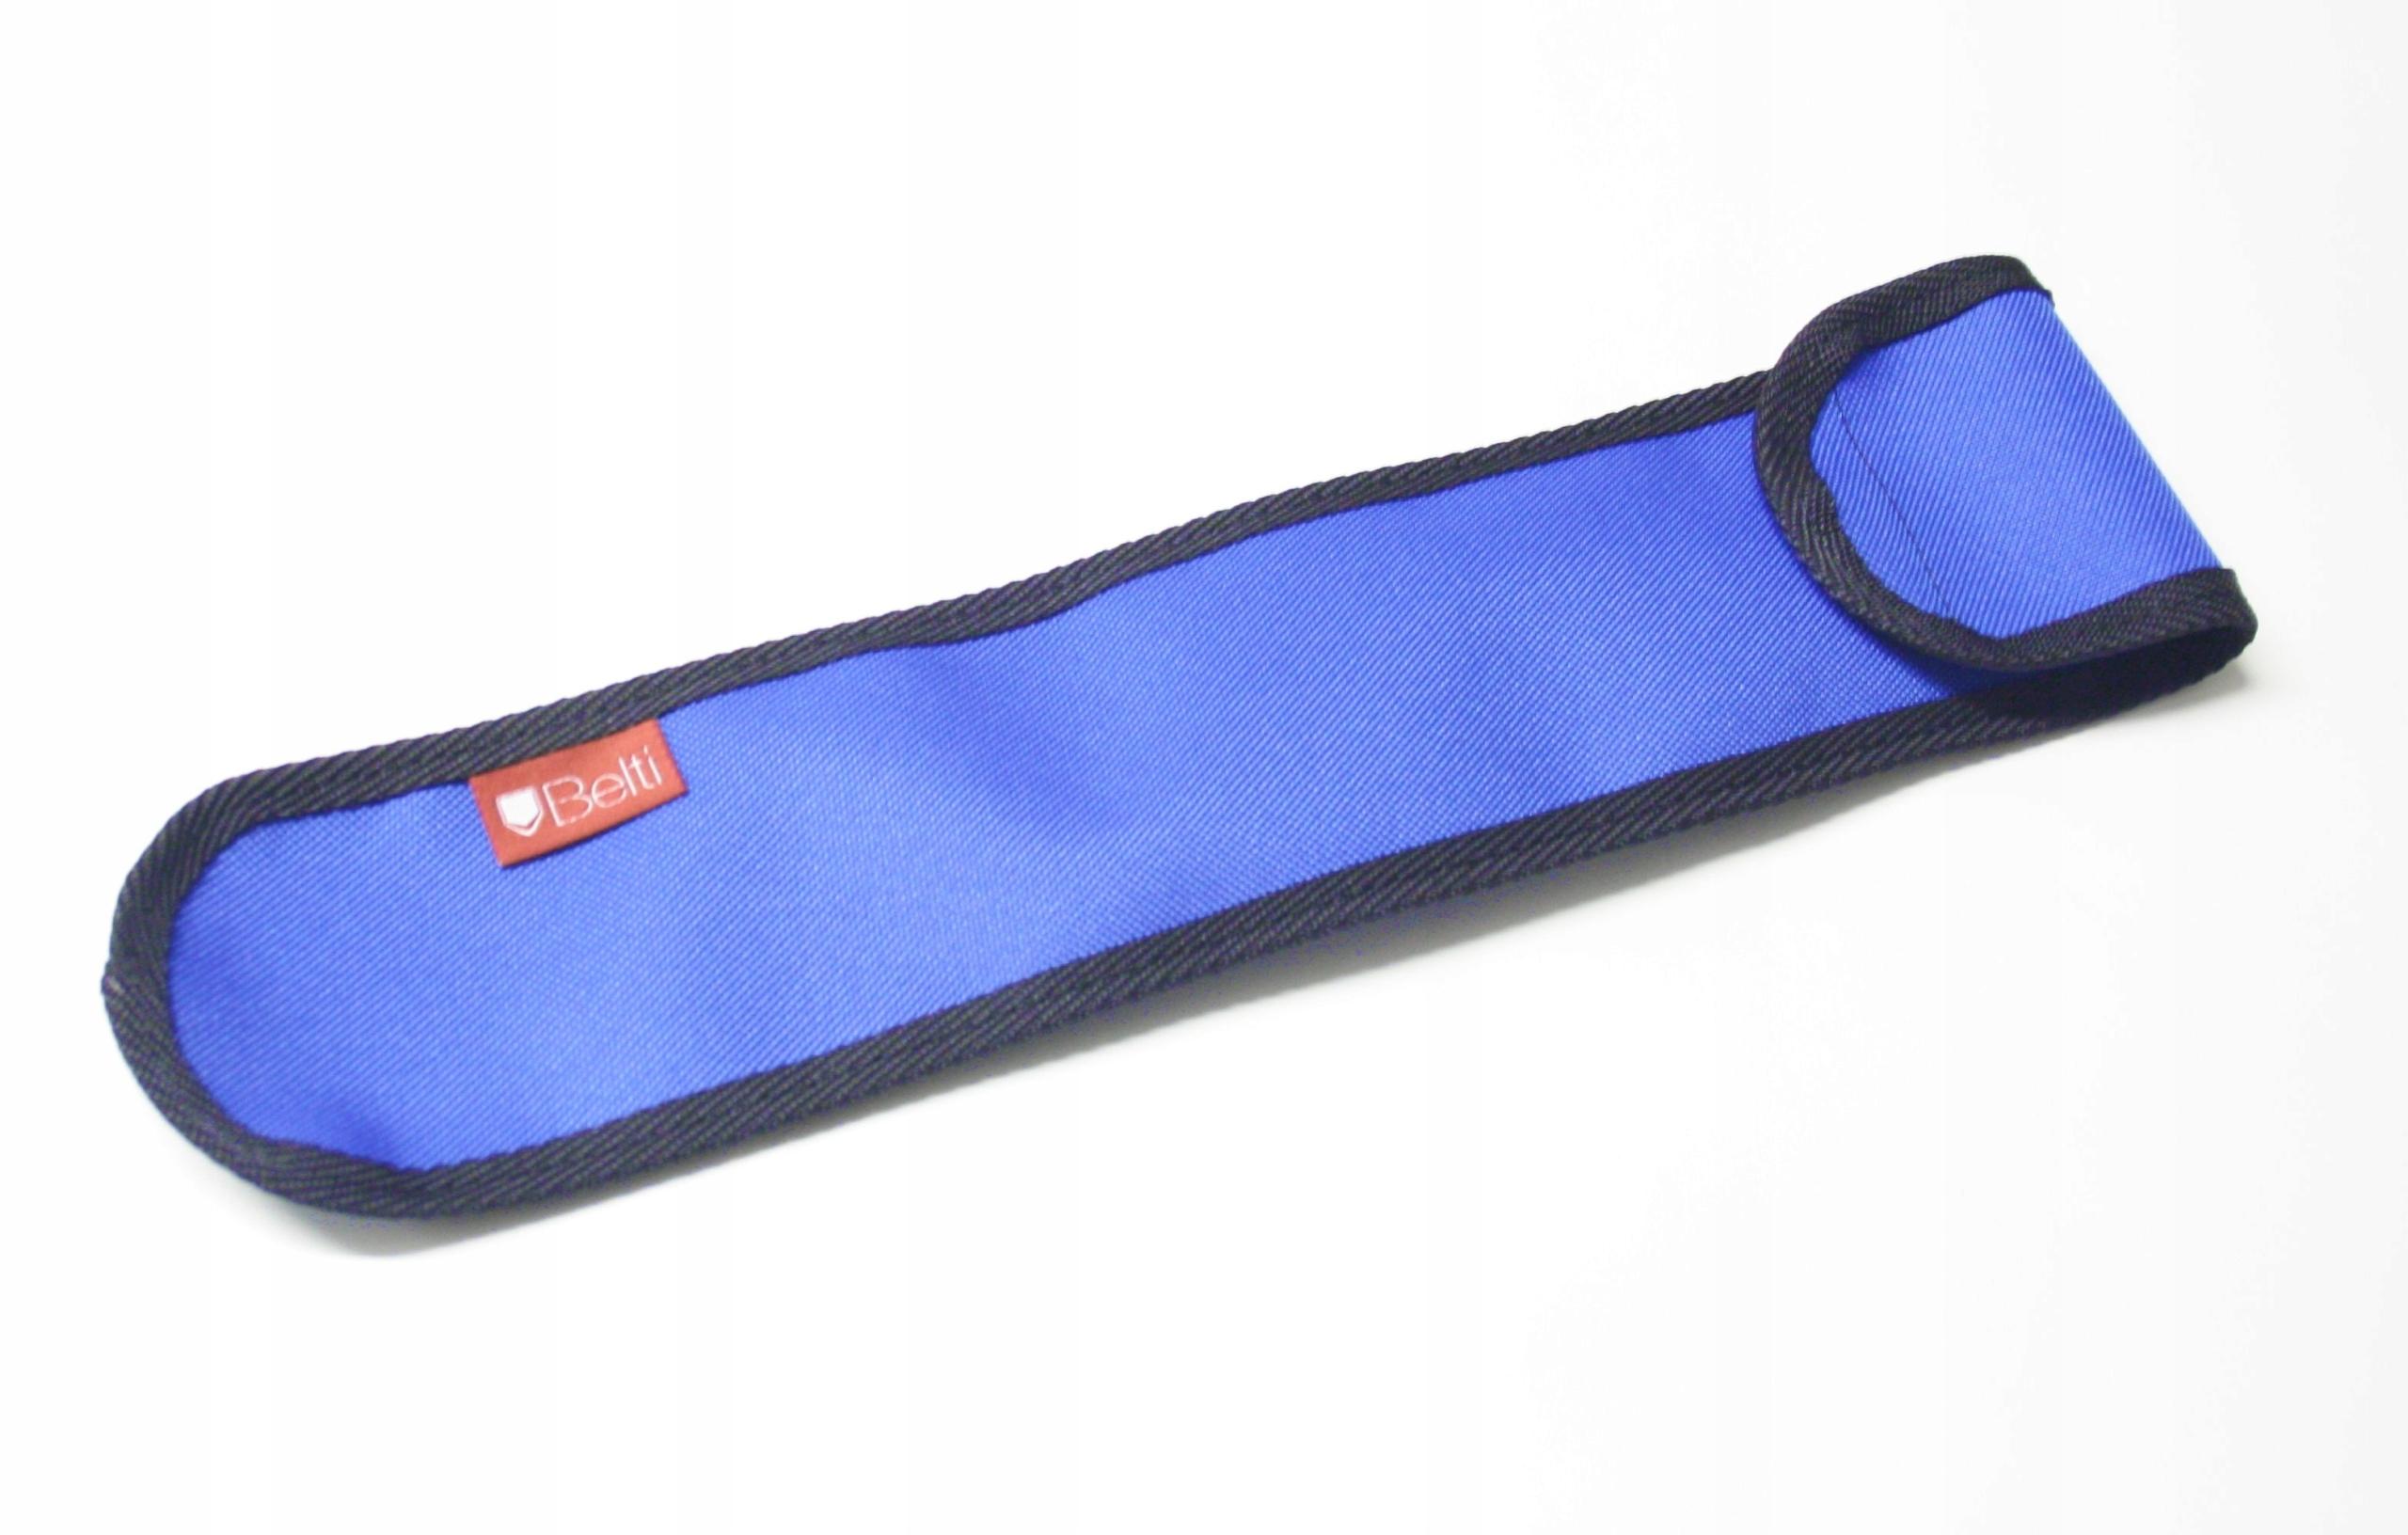 Vrecko na flaute flute belti pfps1 z5 modrá